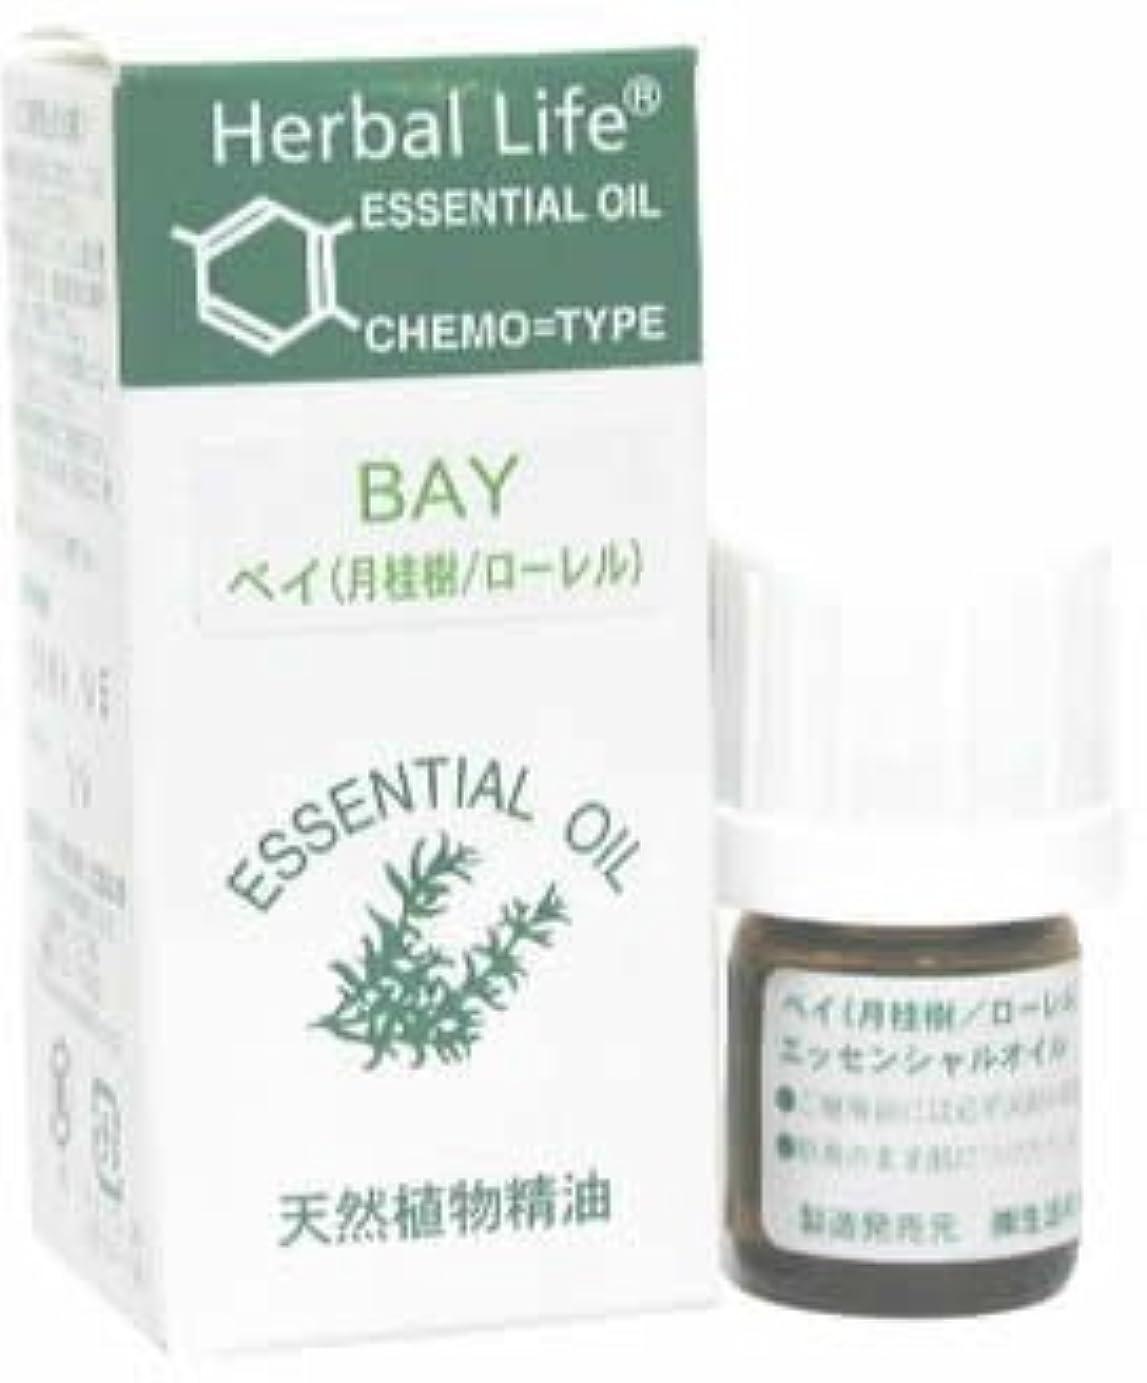 宇宙のドール理解Herbal Life ベイ(ローレル 月桂樹) 3ml